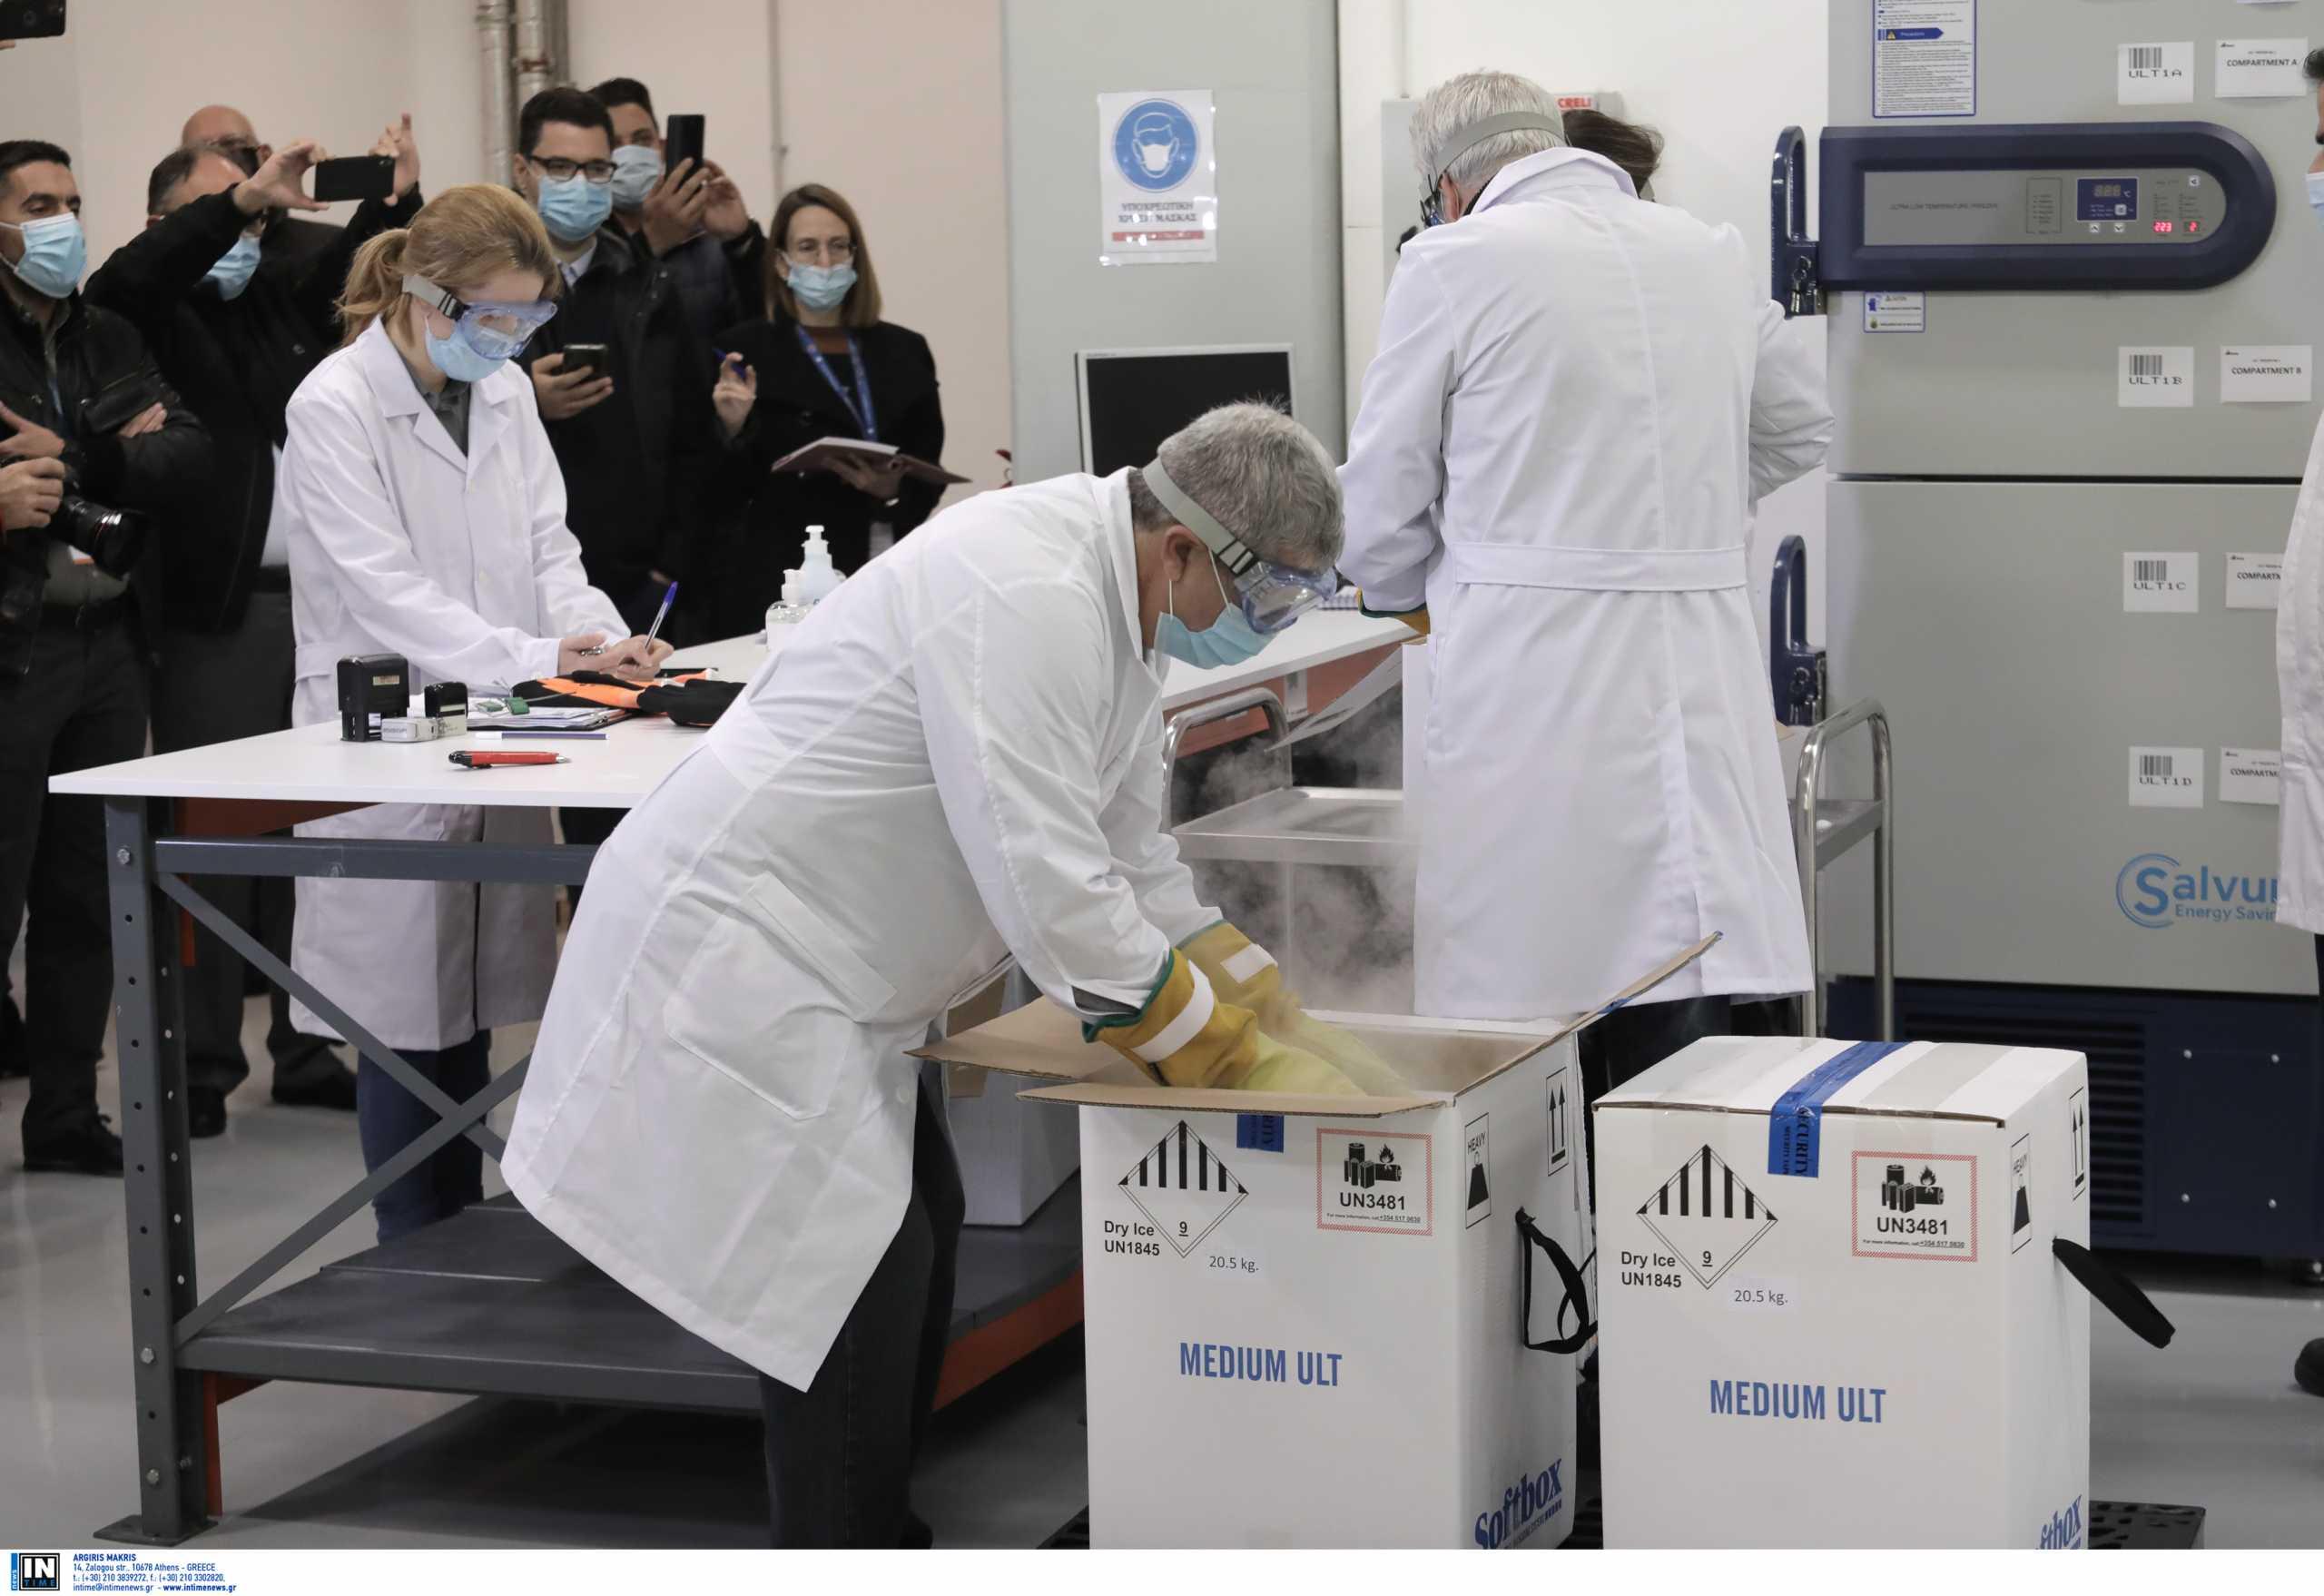 Βρυξέλλες και Ουάσινγκτον θα μειώσουν τα εμπόδια στις εξαγωγές εμβολίων κατά του κορονοϊού